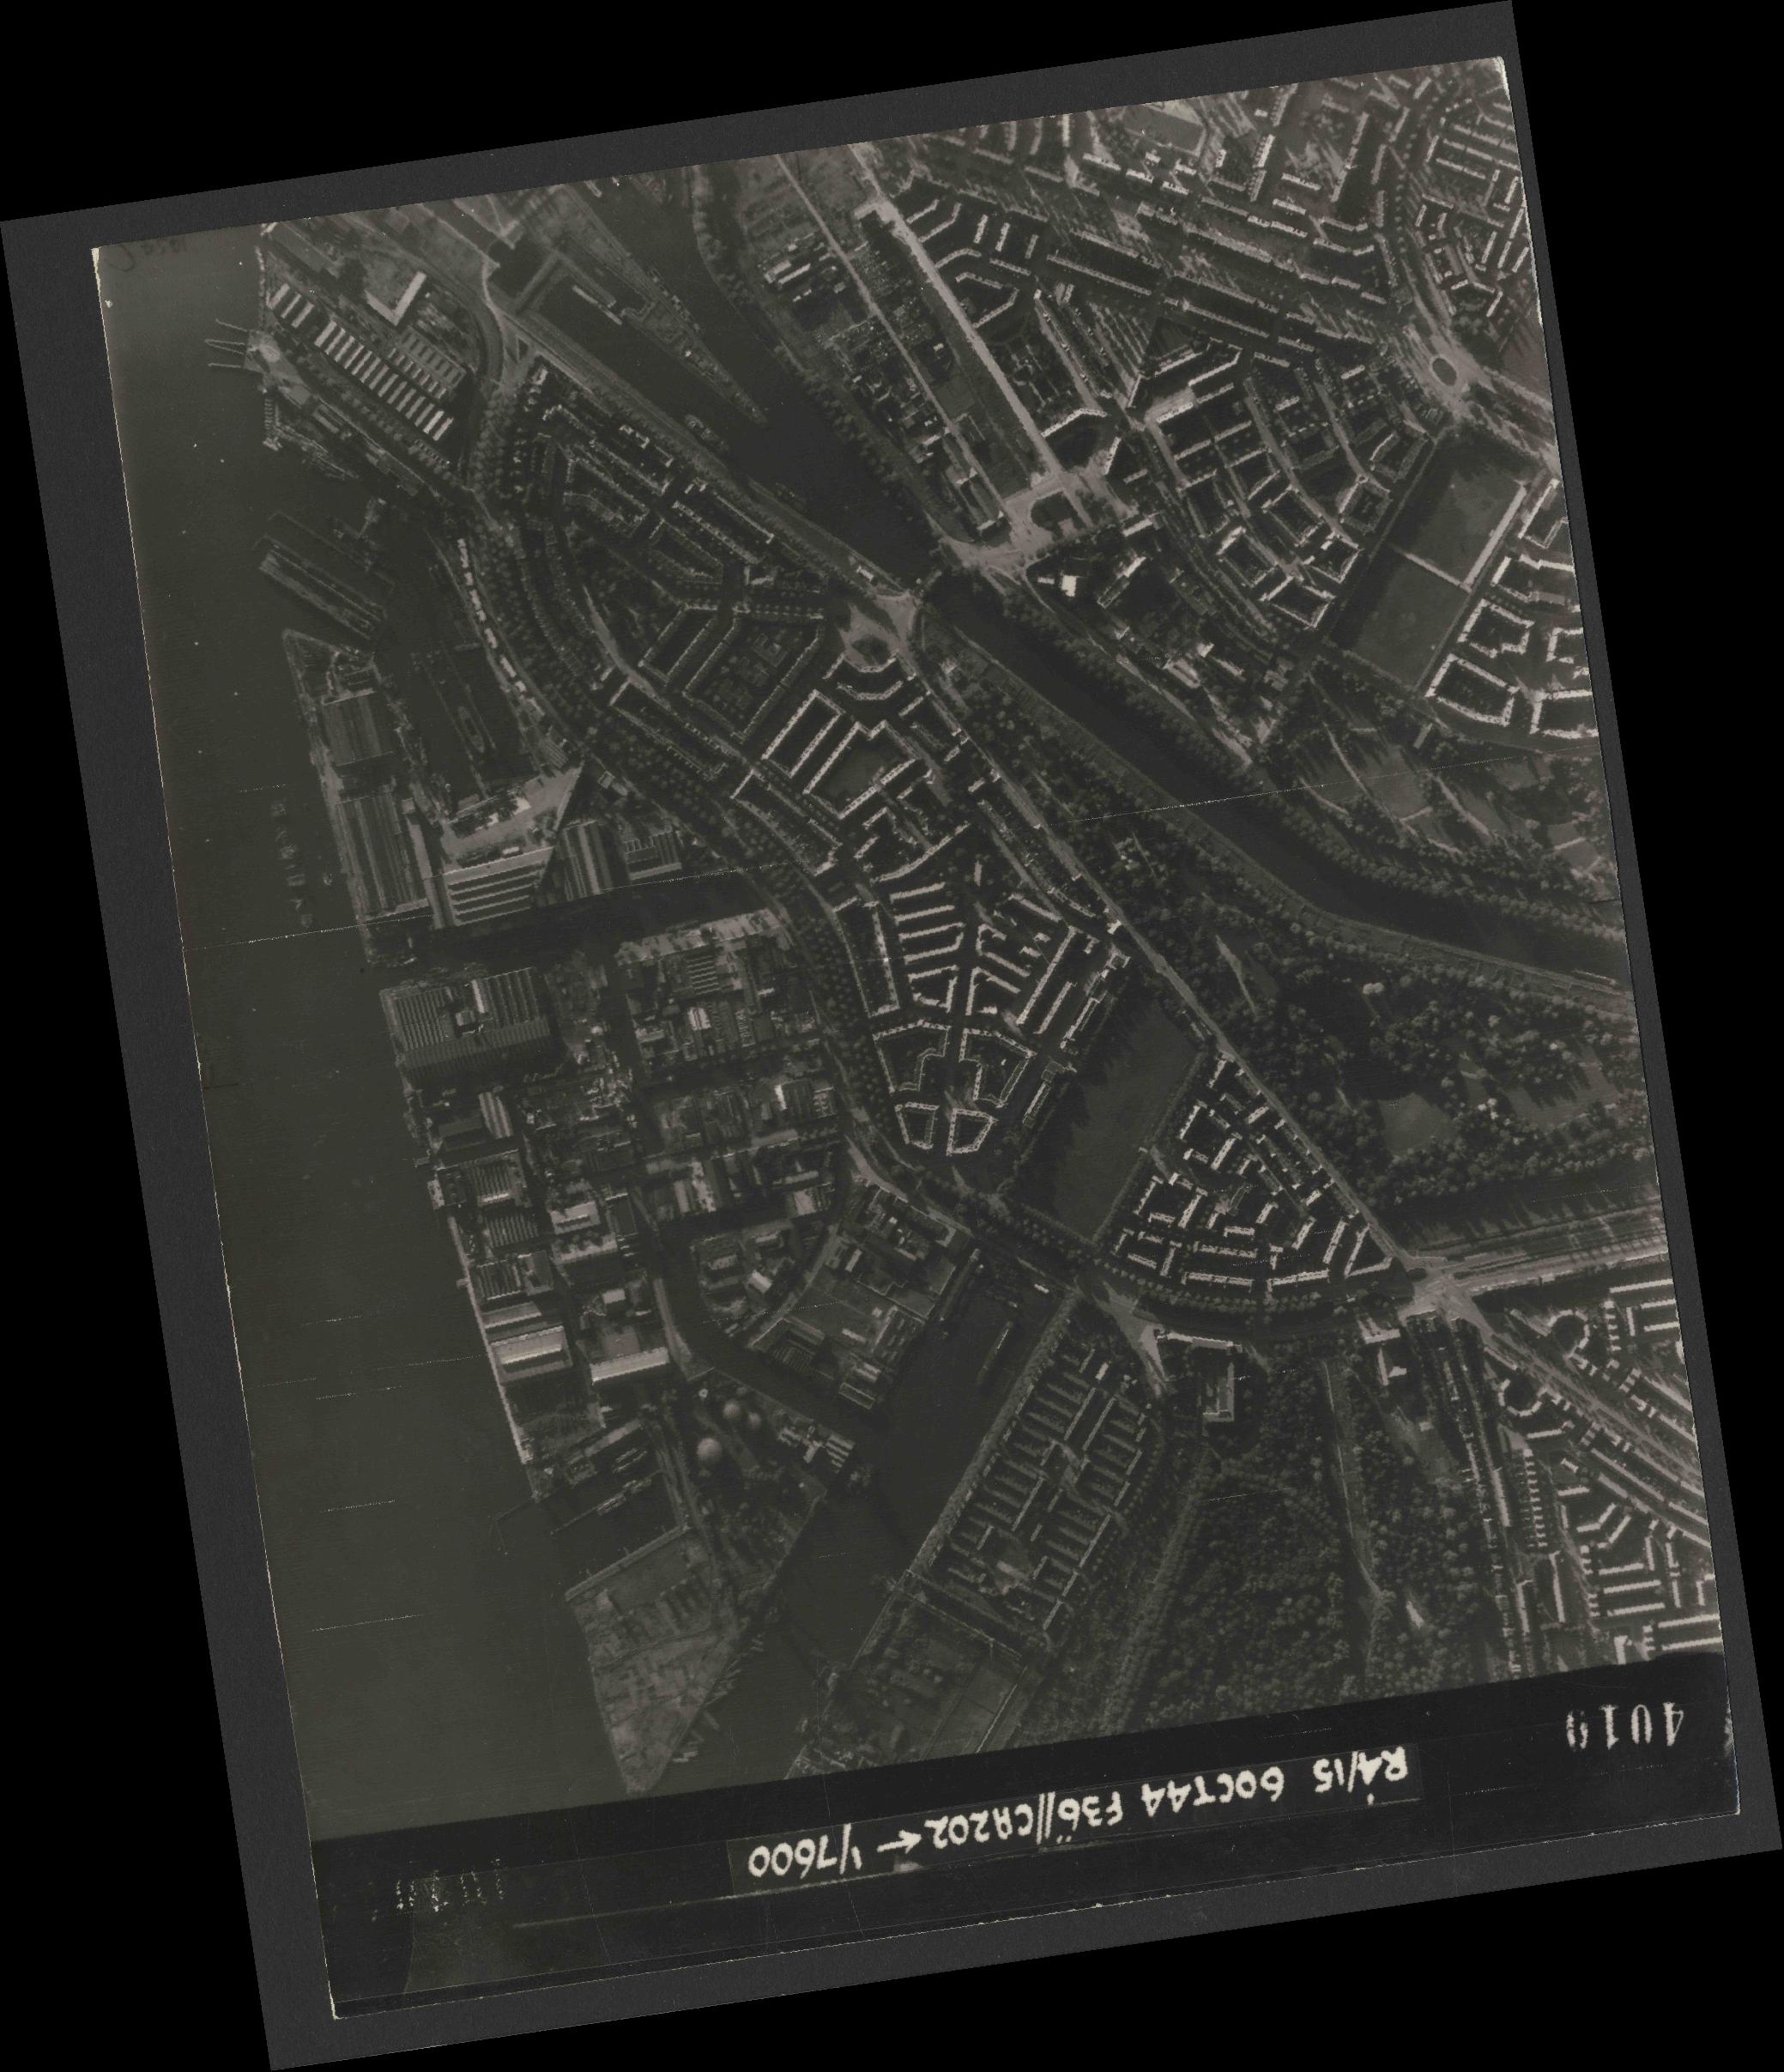 Collection RAF aerial photos 1940-1945 - flight 121, run 10, photo 4010